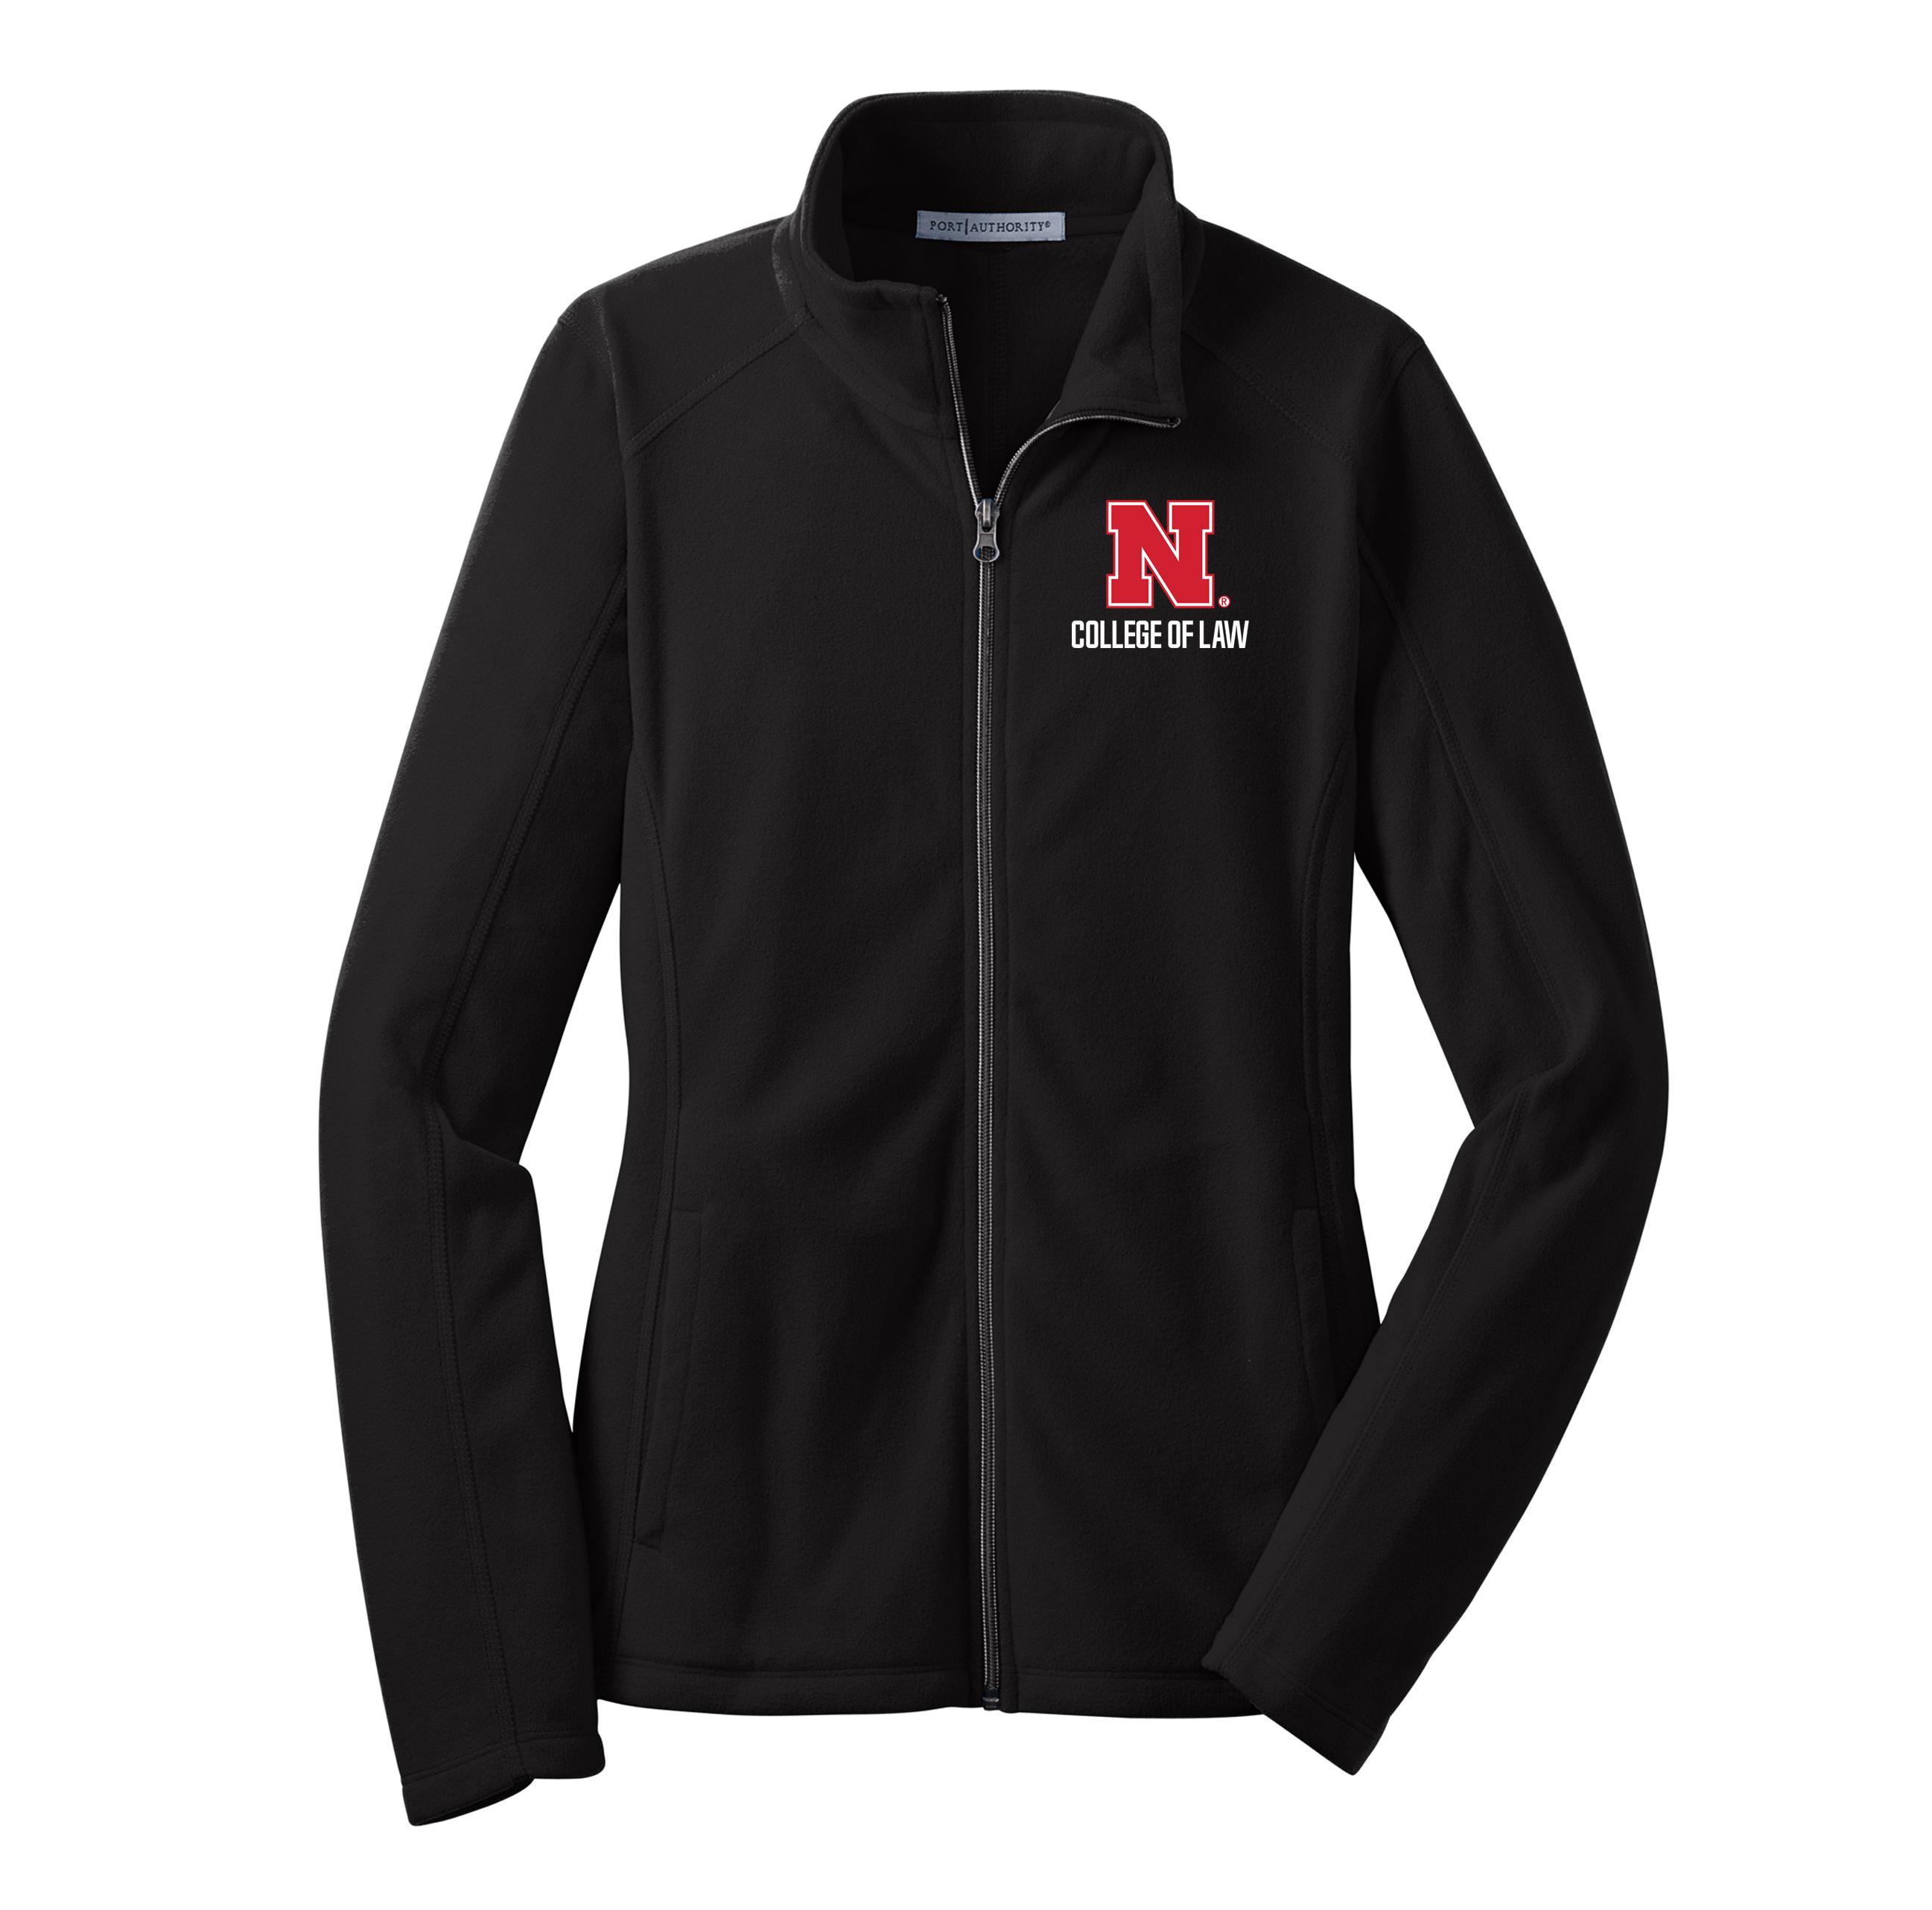 d2d01086c6b Ladies Microfleece Jacket - Nebraska College of Law